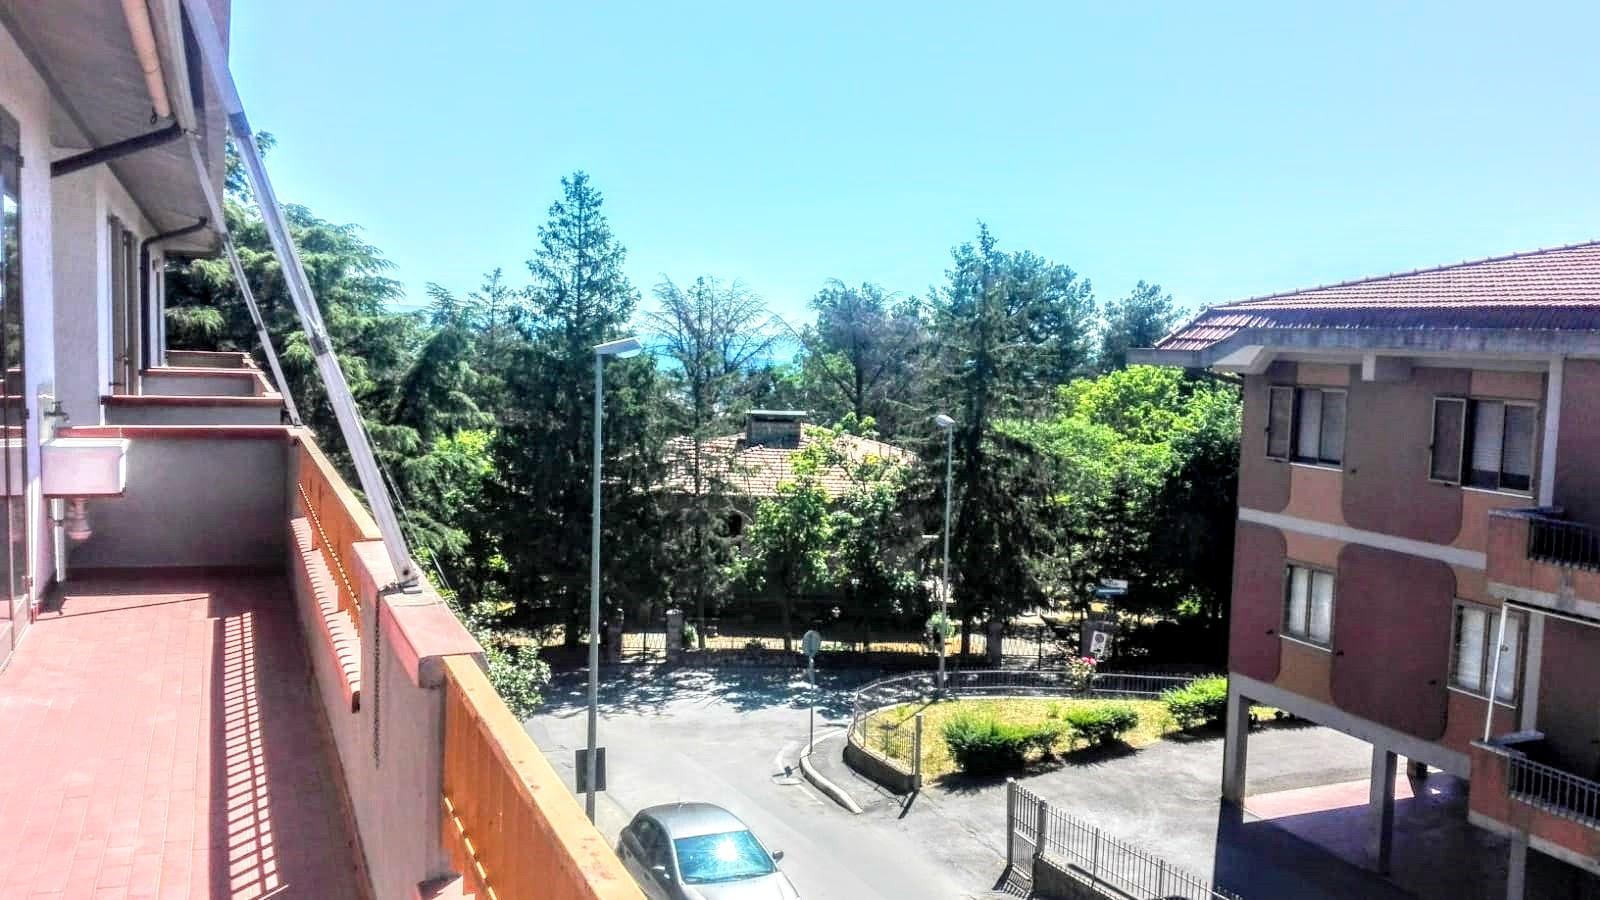 Appartamento in vendita a Scansano, 6 locali, prezzo € 80.000 | PortaleAgenzieImmobiliari.it